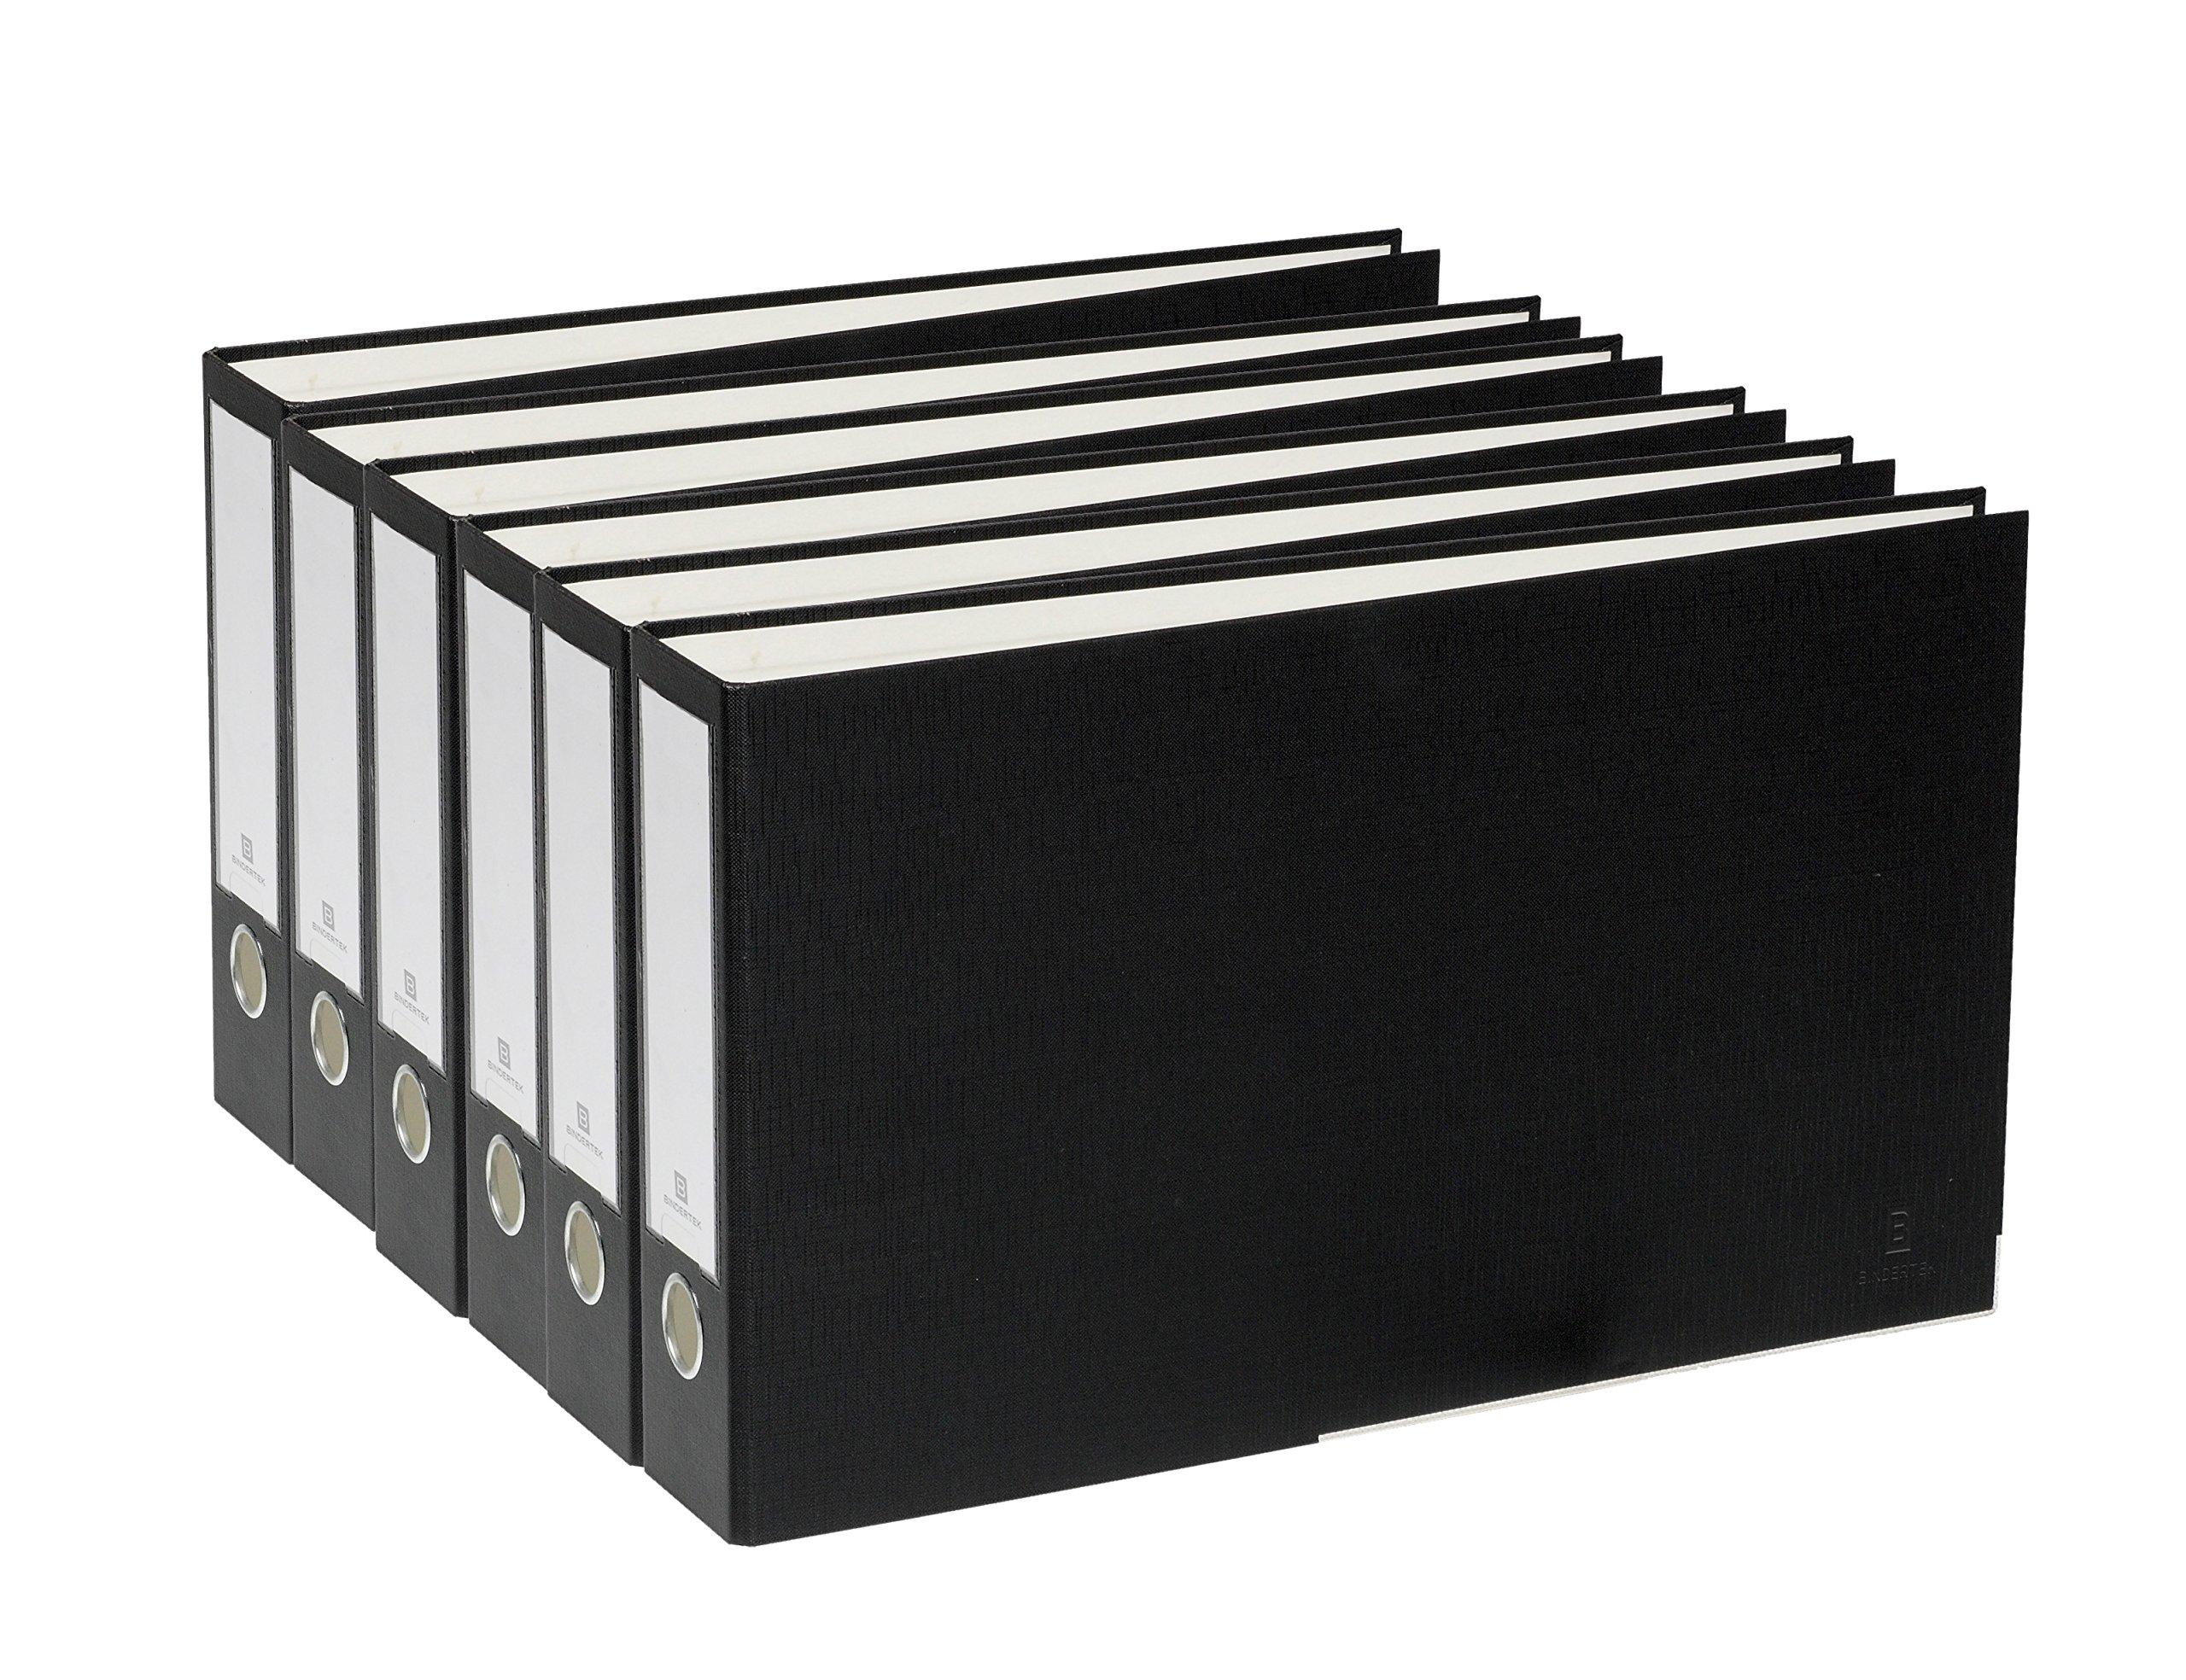 Bindertek 3-Ring 2-Inch Premium Linen Textured Ledger Binder 6-Pack, For 11 x 17 Paper, Black (3LDGPACK-BK)